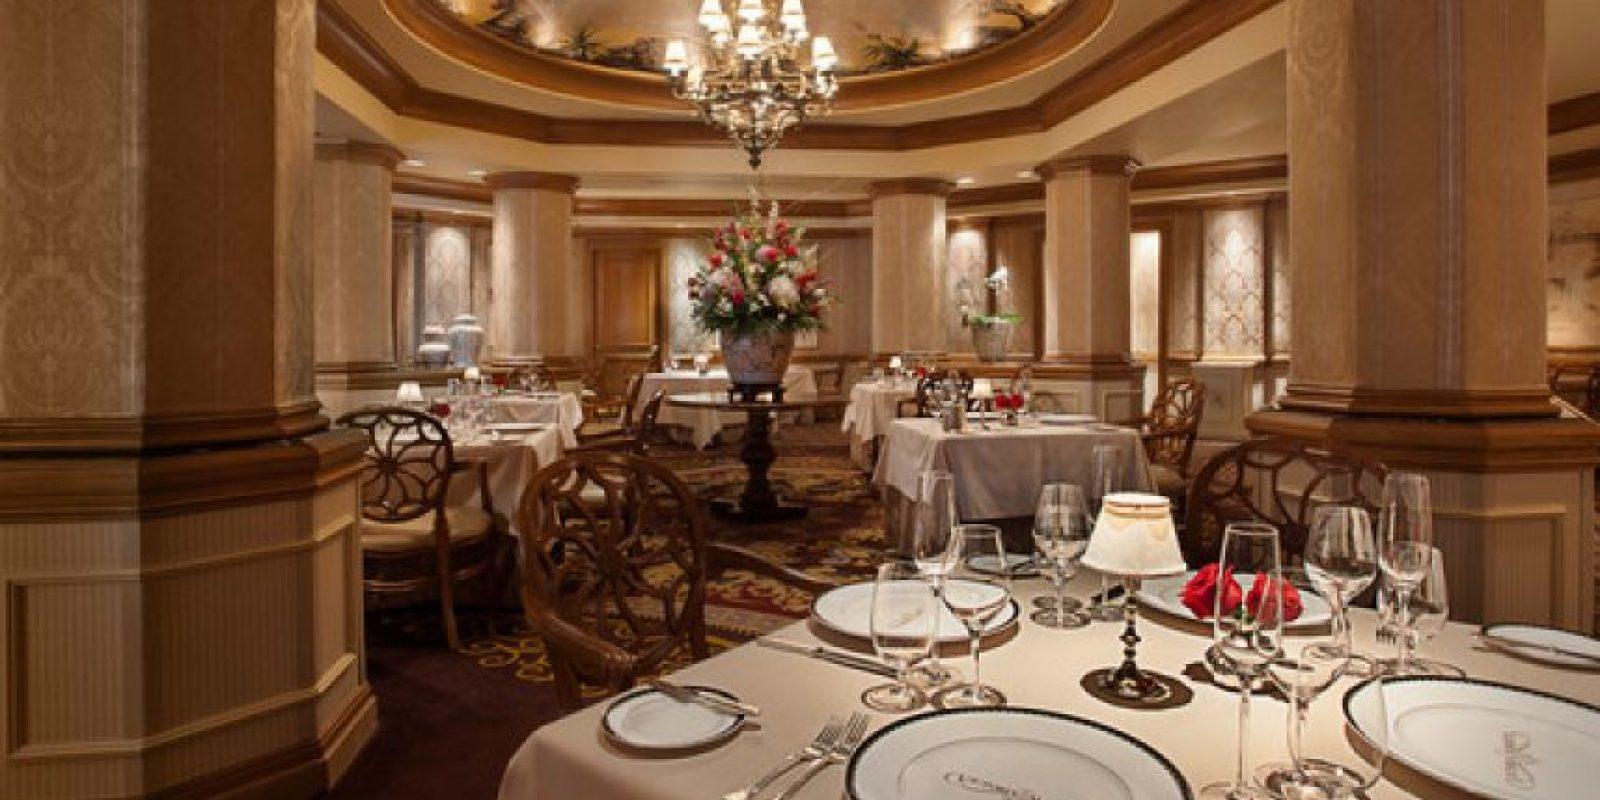 Este es el lujoso hotel Foto:Disneyworld.disney.go.com